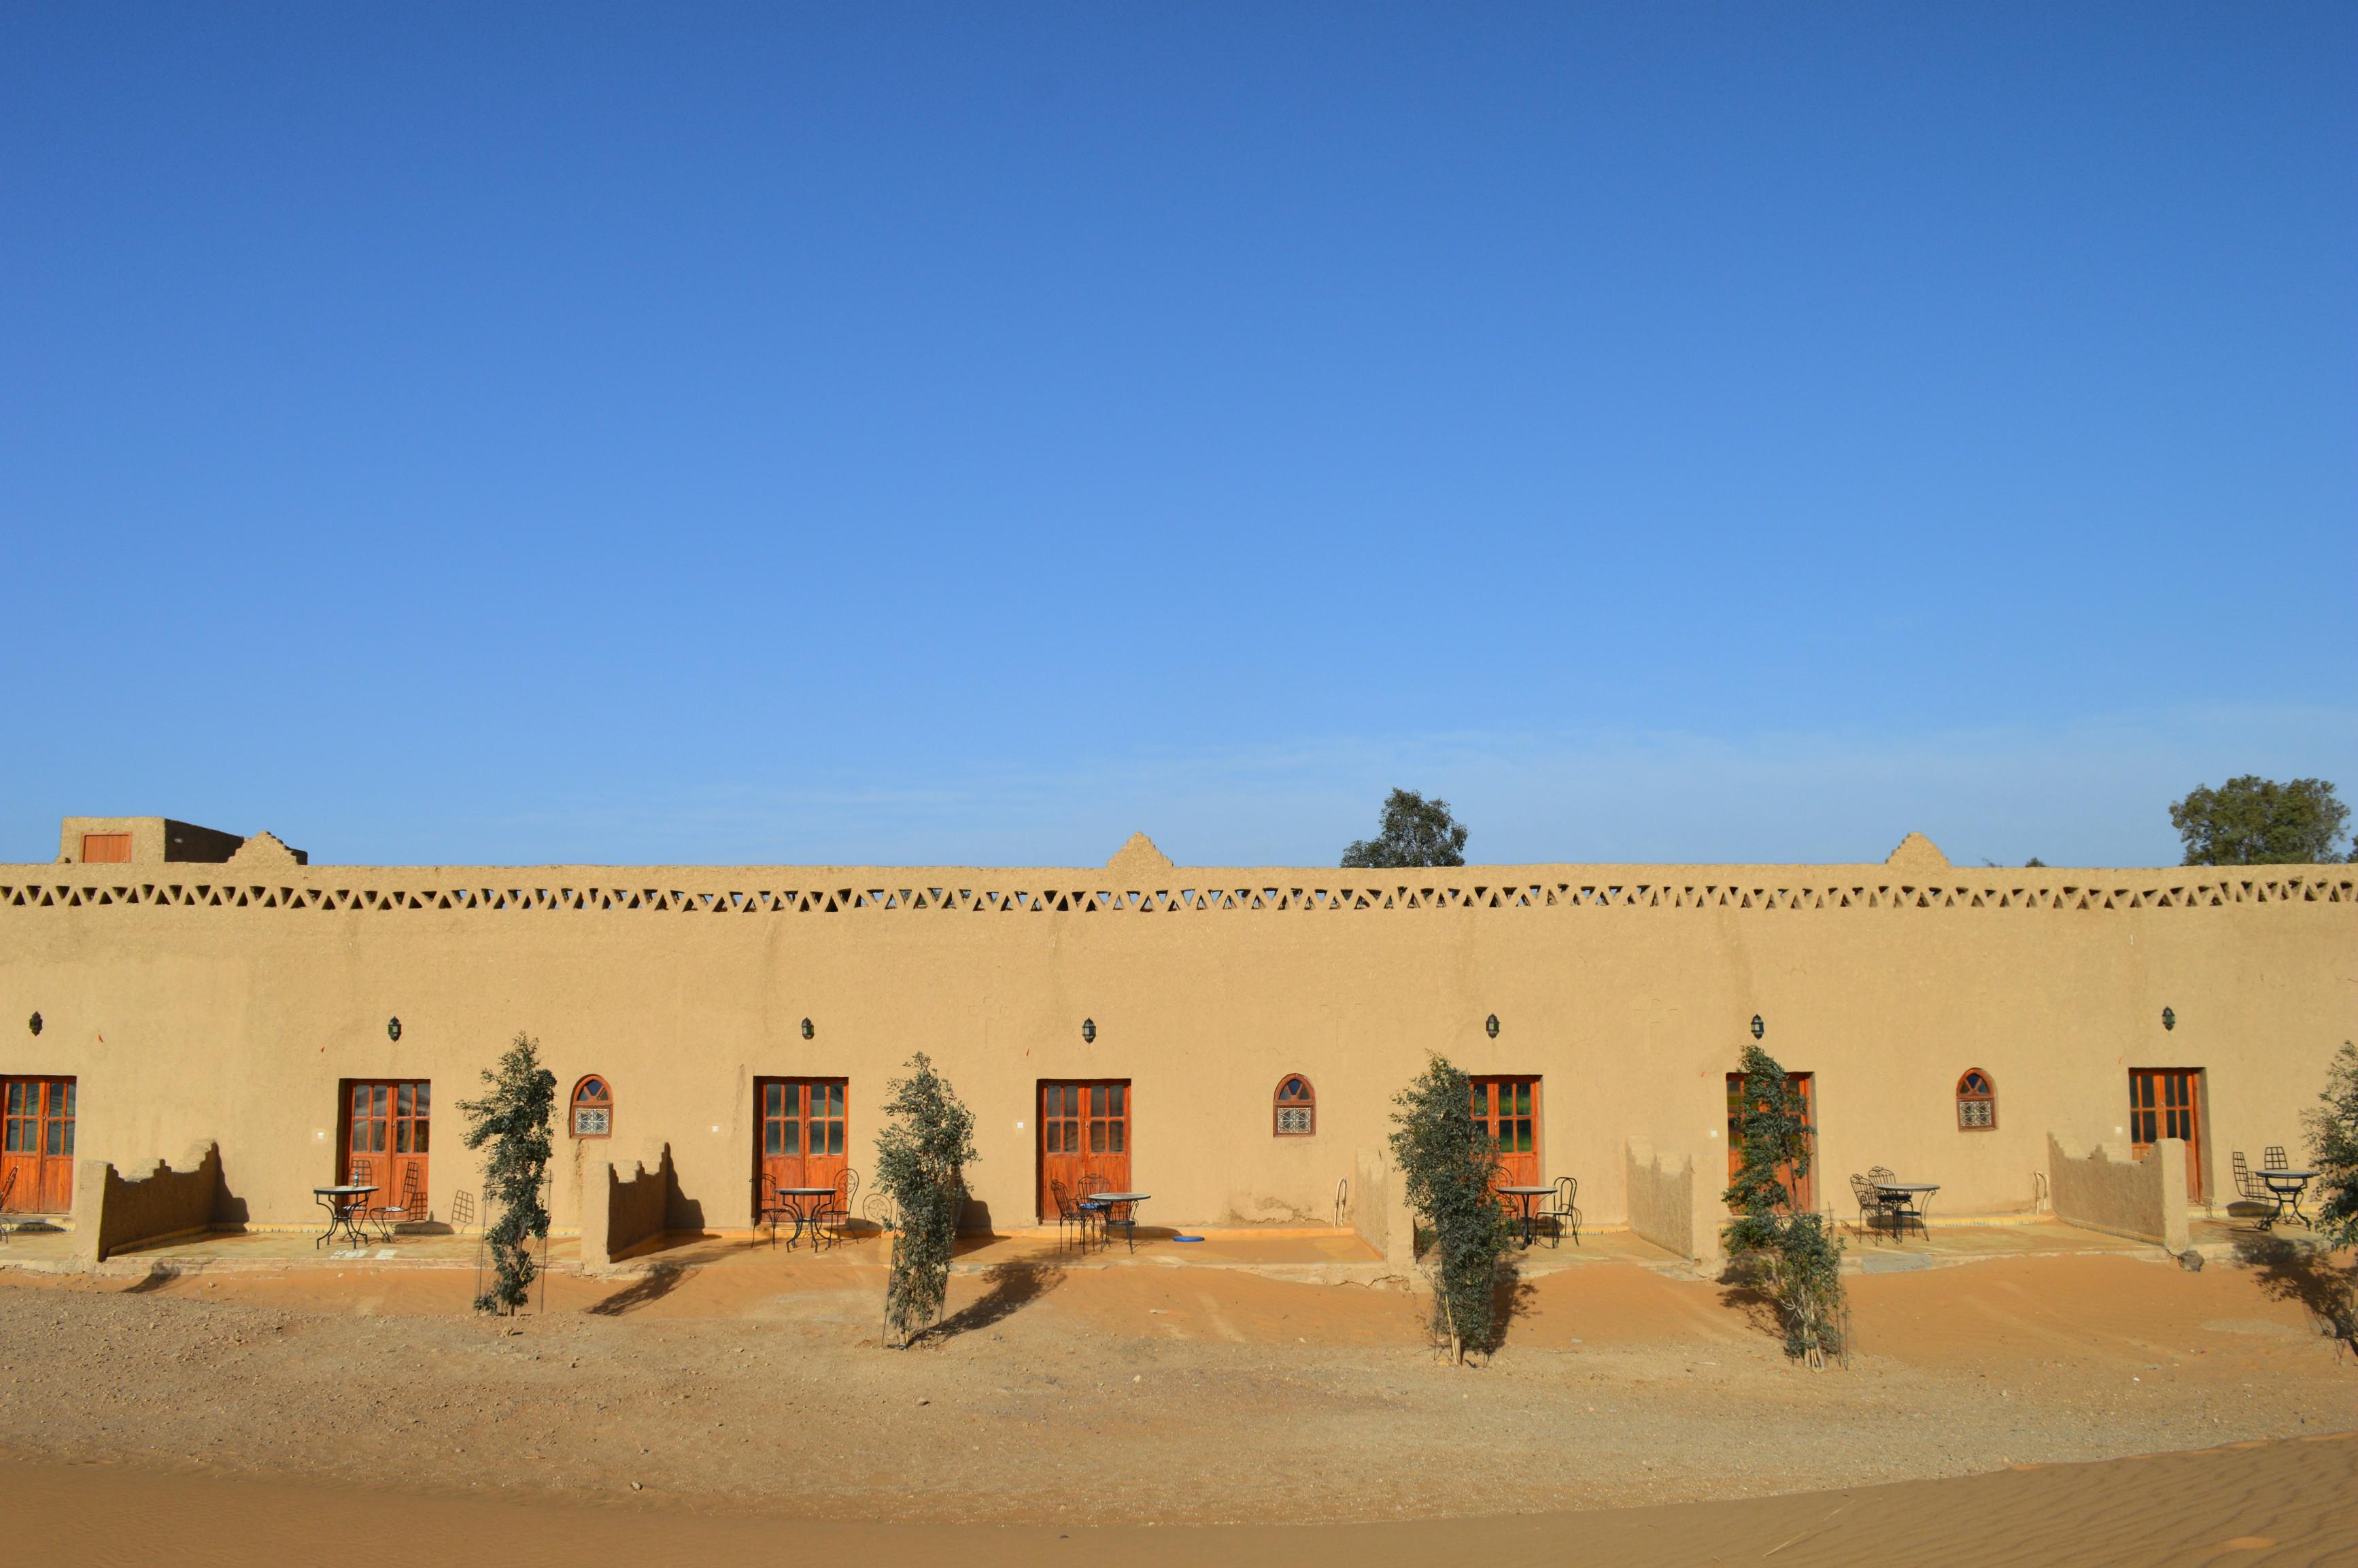 hôtel auberge dunes d'or Sahara Merzouga Maroc blog voyages camille in bordeaux